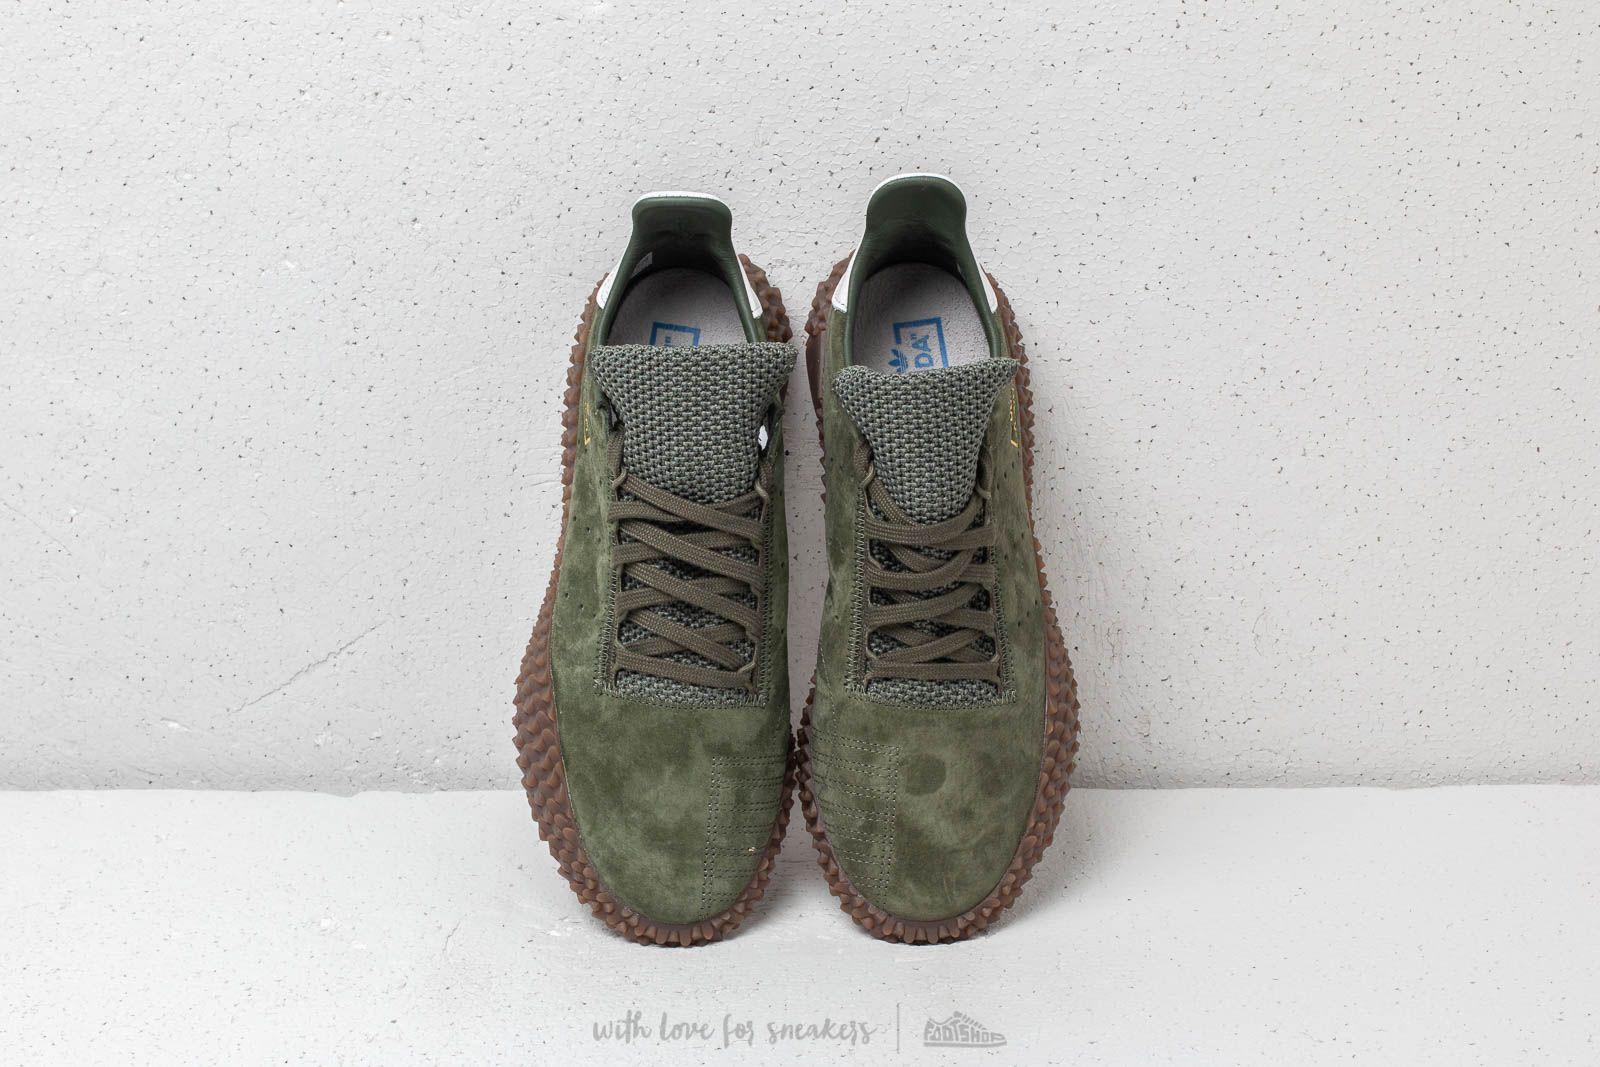 adidas Originals KAMANDA 01 (Adidas original ska Manda 01) BASE GREENBASE GREENCRYSTAL WHITE 18FW S